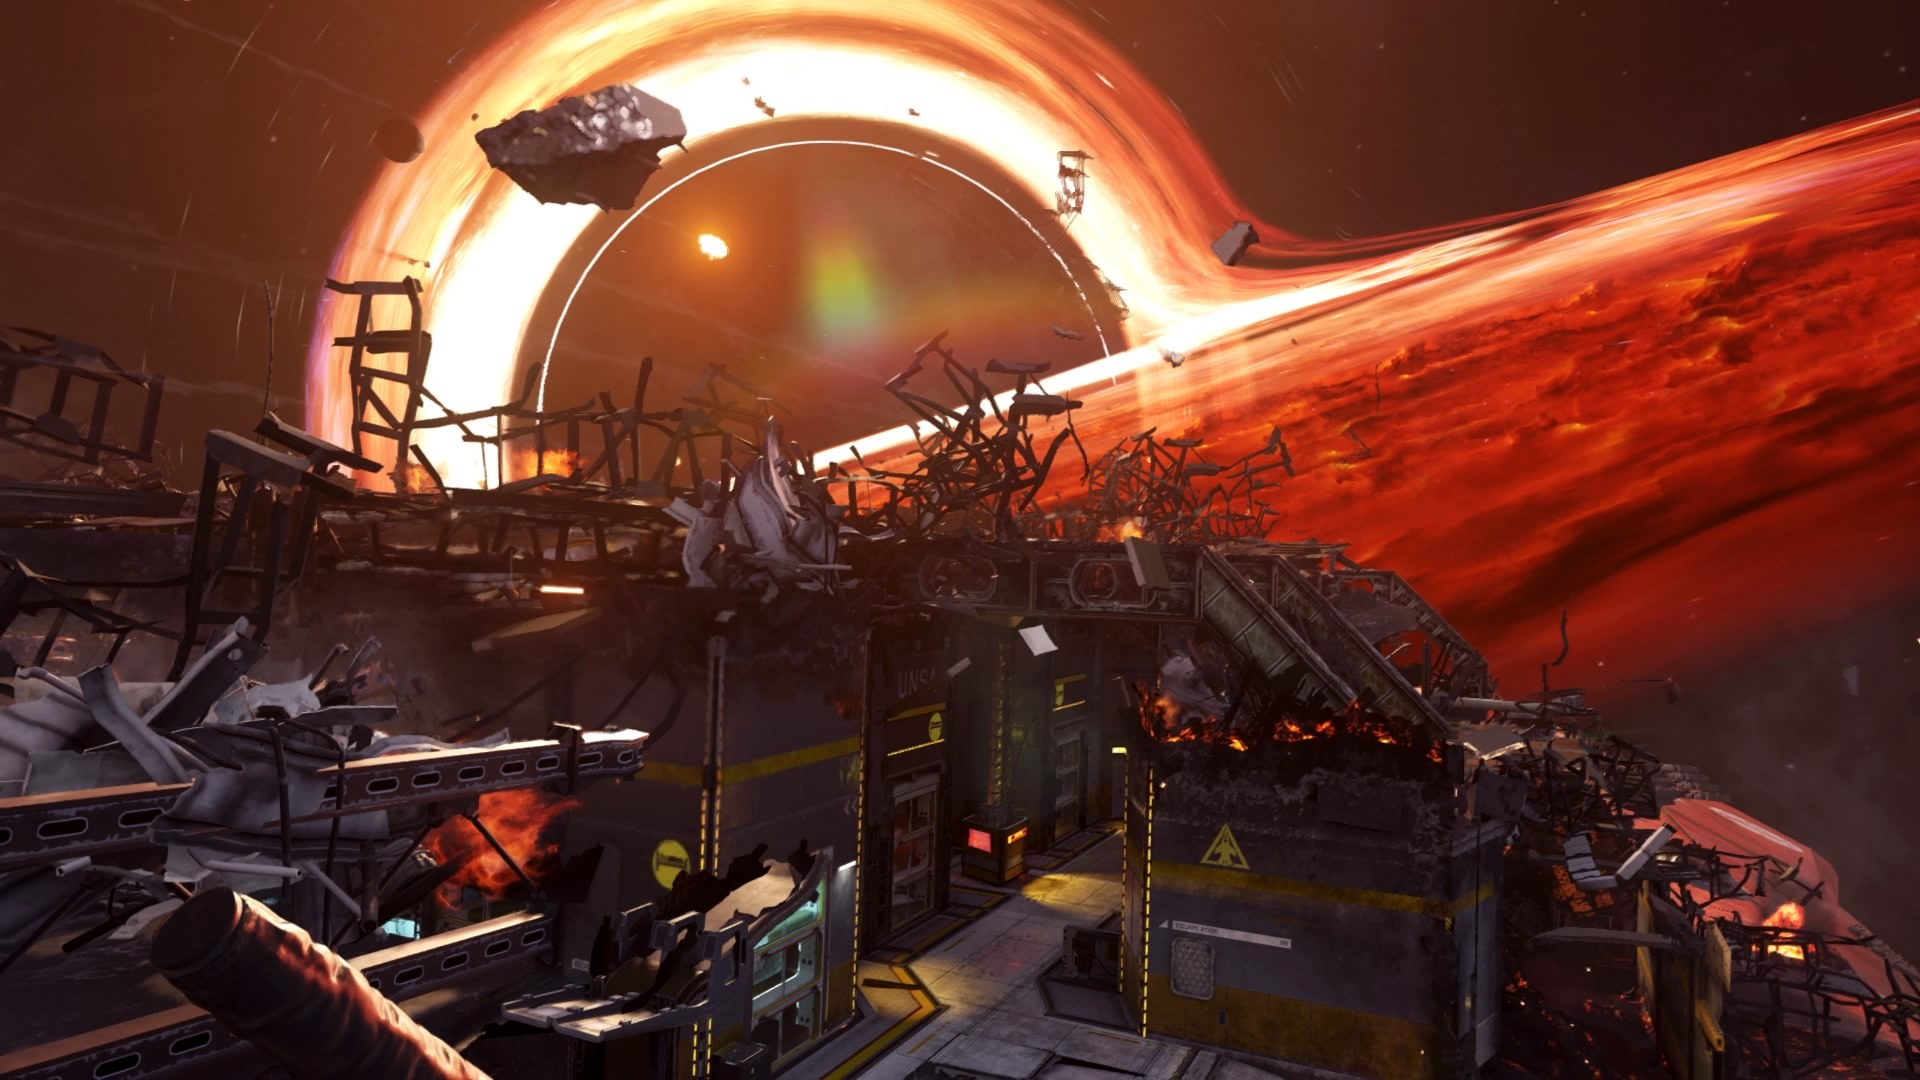 Mayday to jedna z ciekawszych map pod względem wizualnym w Call of Duty Infinite Warfare.